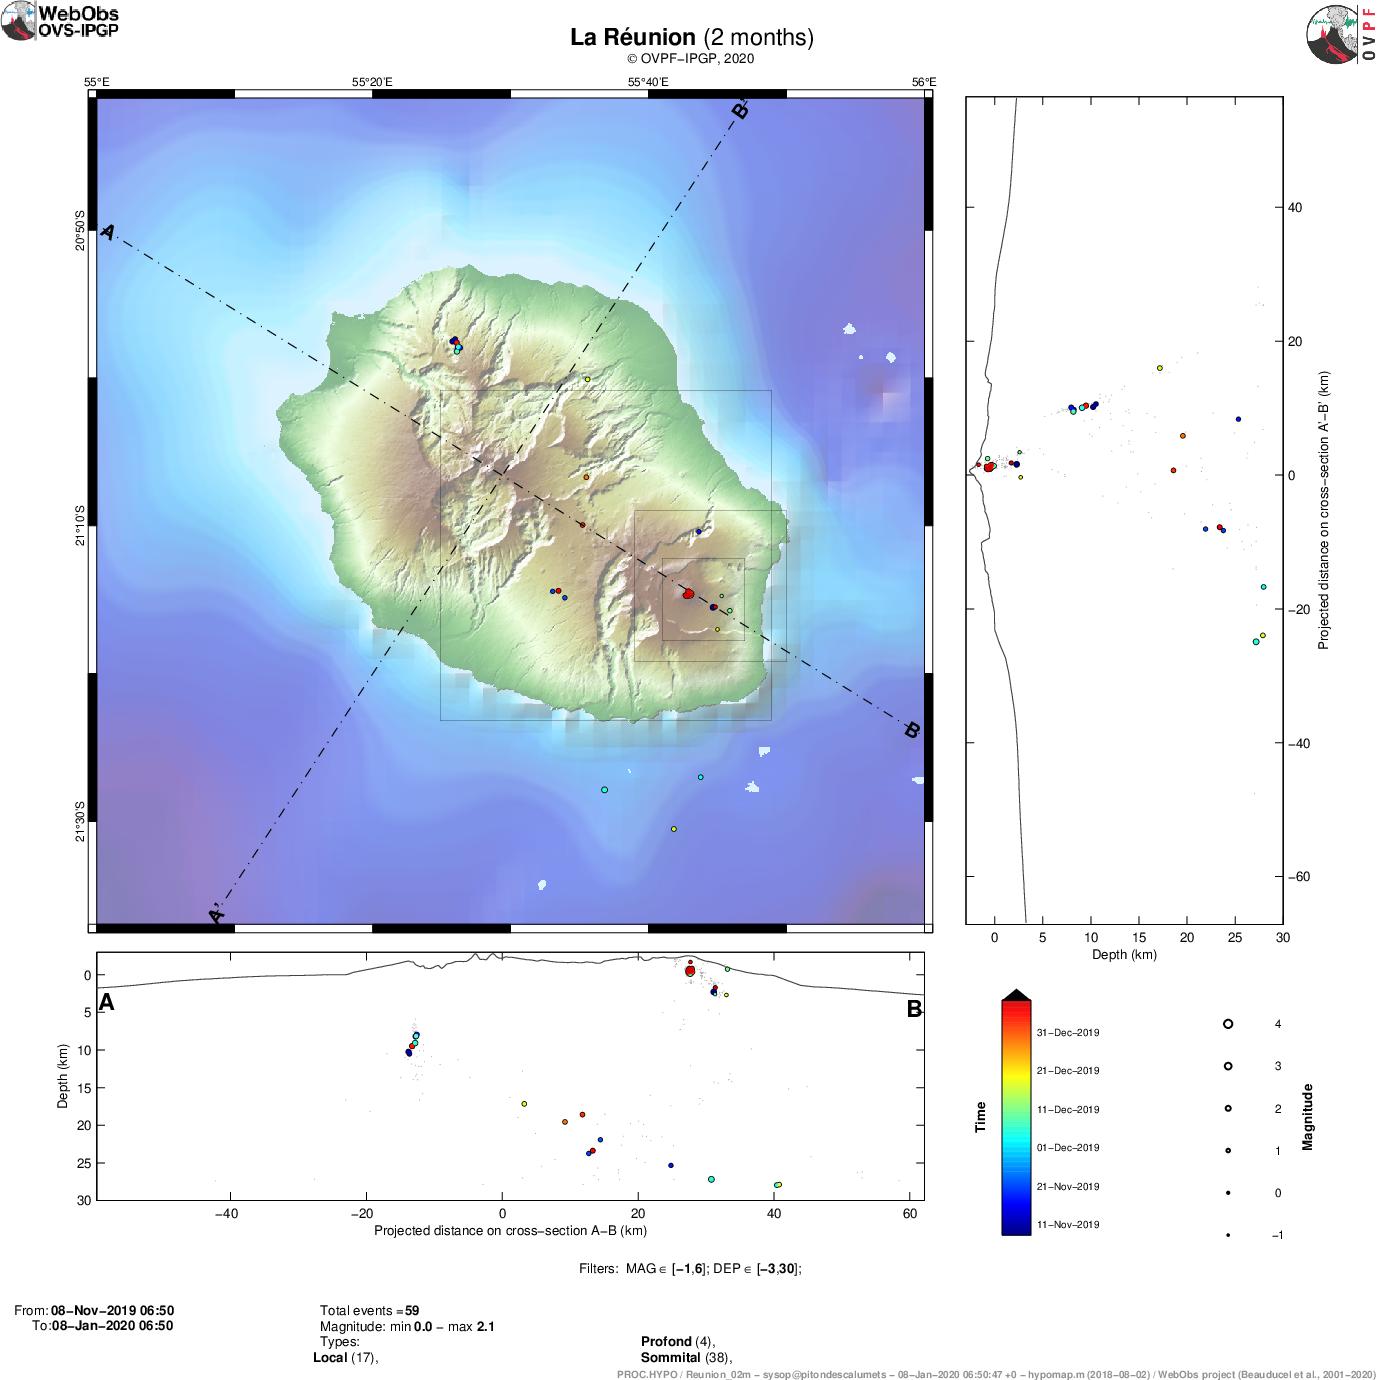 Piton de La Fournaise  - 08.01.2020 - Carte de localisation (épicentres) et coupes Nord-Sud et Est-Ouest (montrant la localisation en profondeur, hypocentres) des séismes enregistrés et localisés par l'OVPF-IPGP sur 2 mois sous La Réunion. Seuls les séismes localisables ont été représentés sur la carte.  - Doc. OVPF